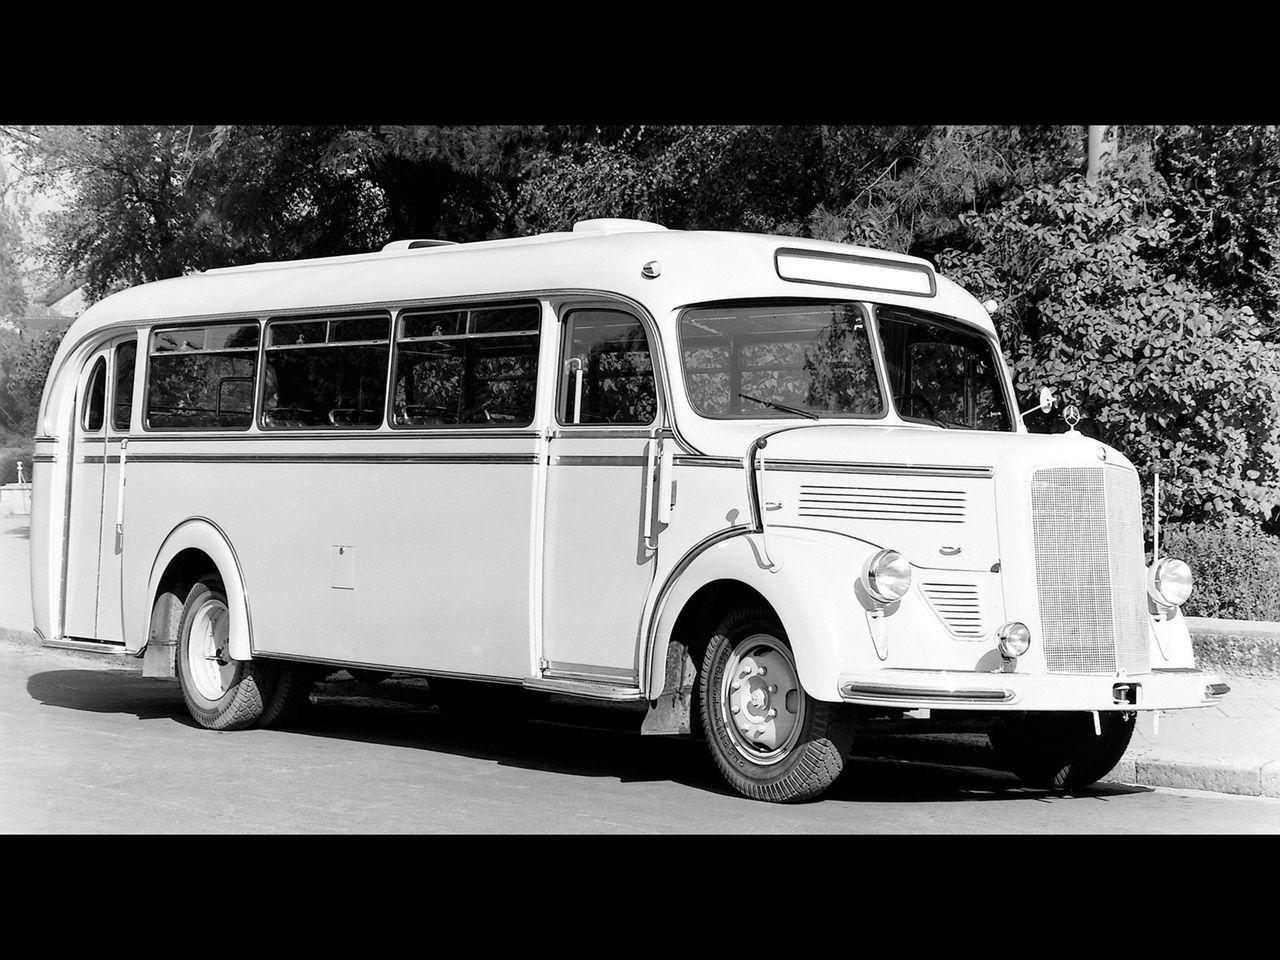 1971 mercedes benz o302 bus daimler ag de auto mercedes benz de - Mercedes Benz O 3500 Urban Bus 1951